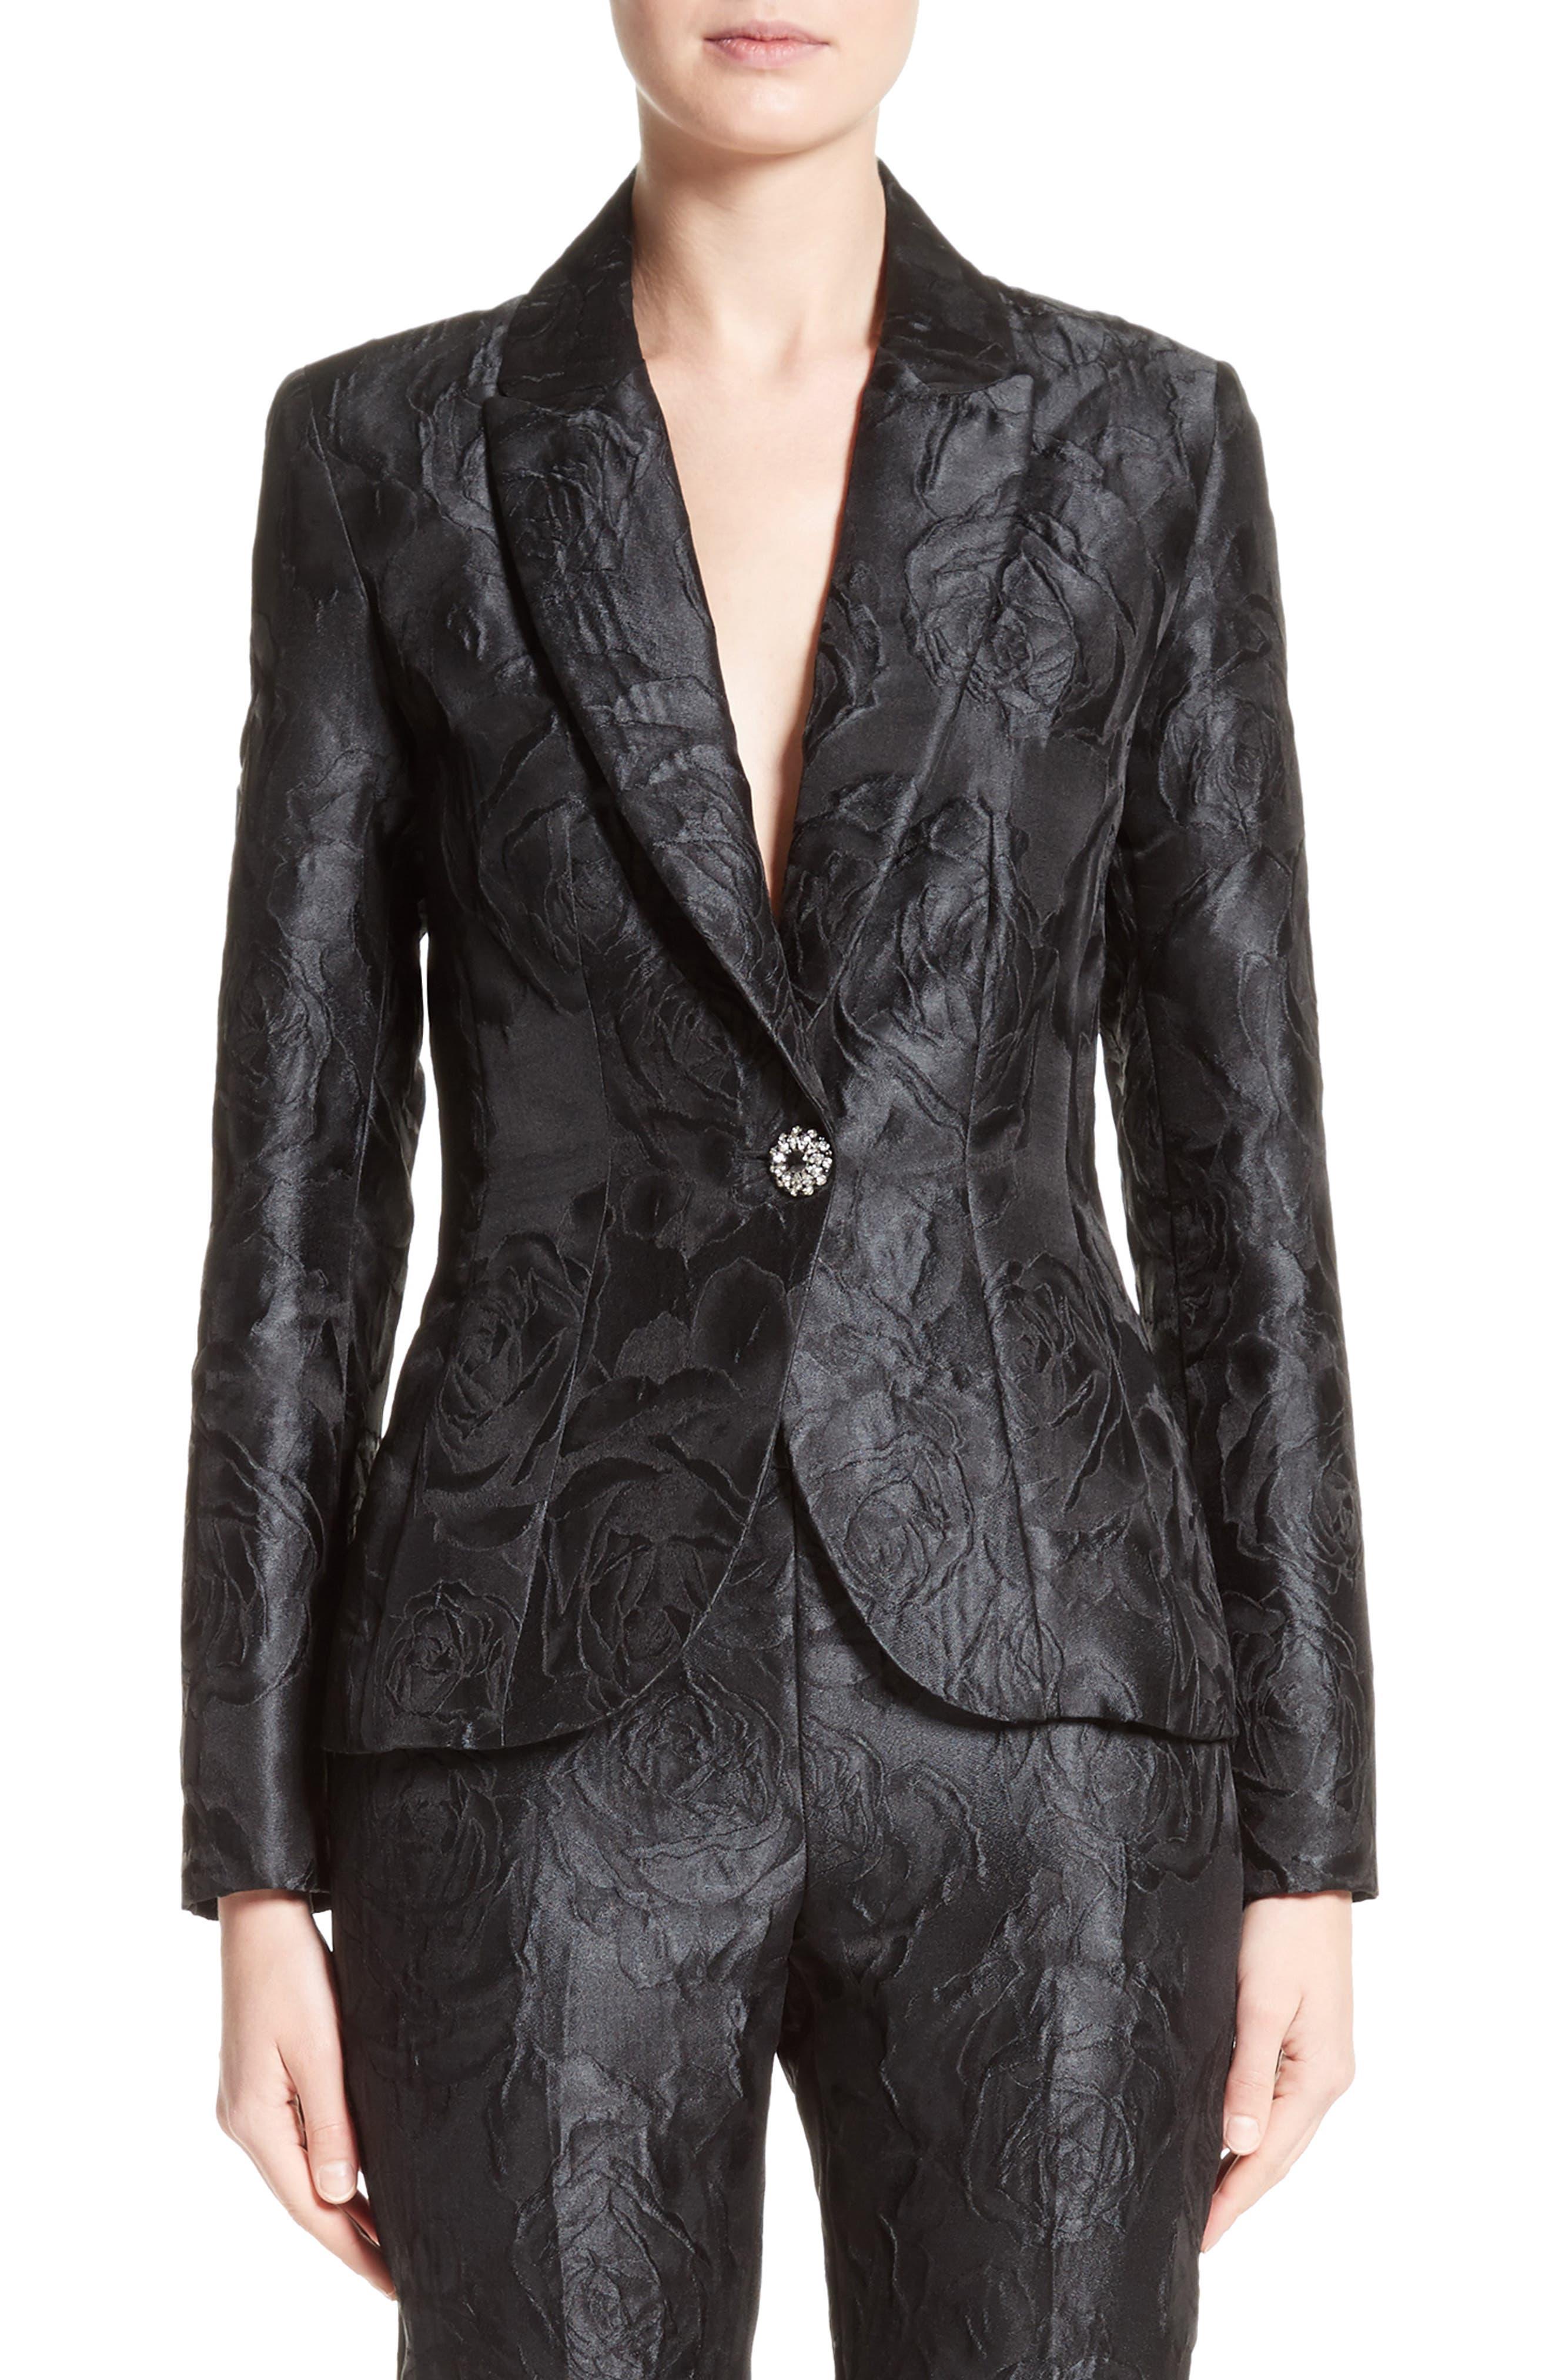 Avani Rose Jacquard Jacket,                             Main thumbnail 1, color,                             001